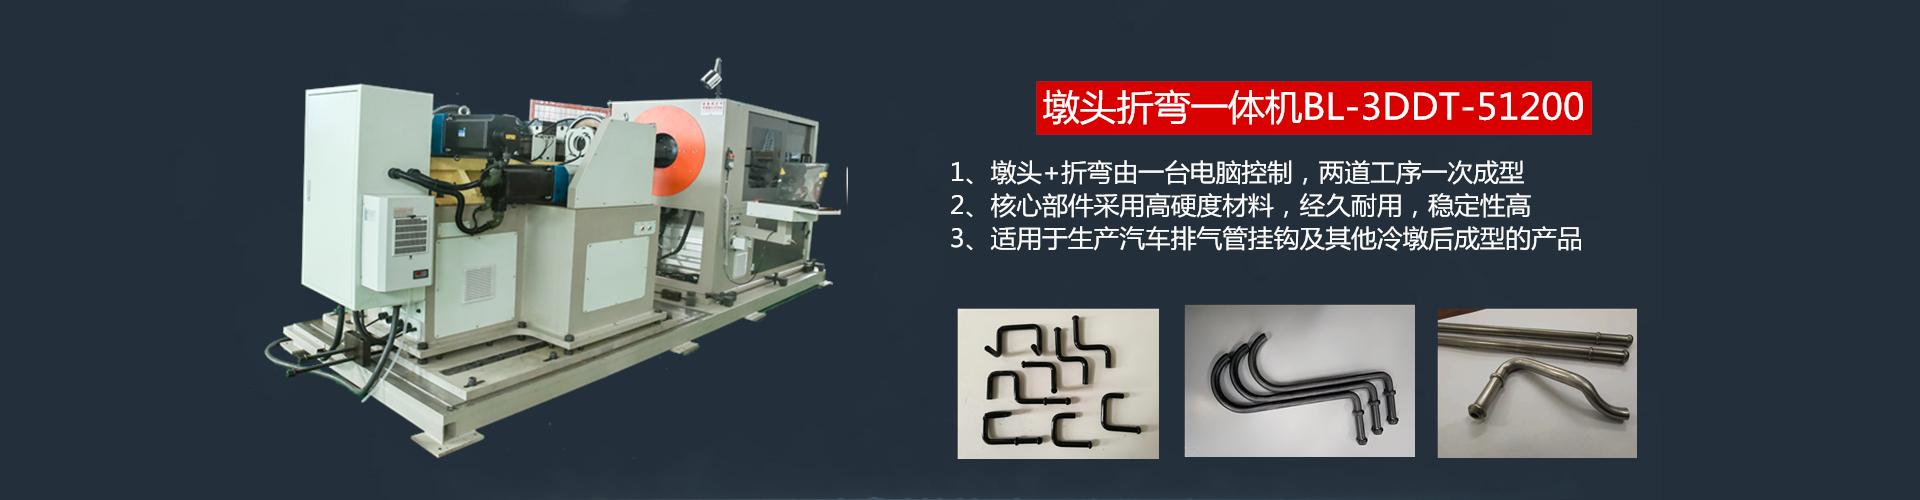 平板xian材cheng型机